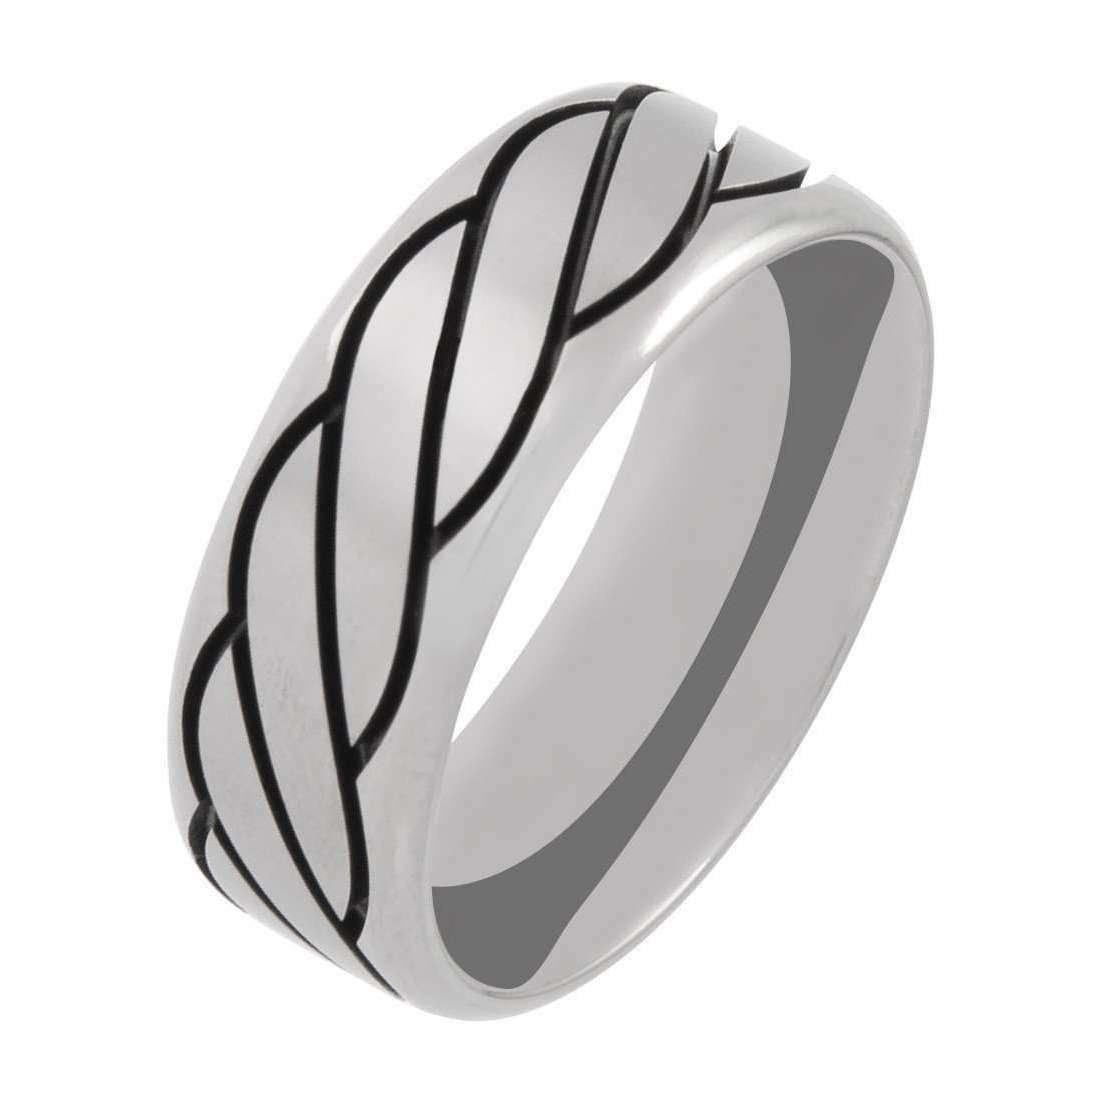 Titanium and Black Rope Ring - Prism Design